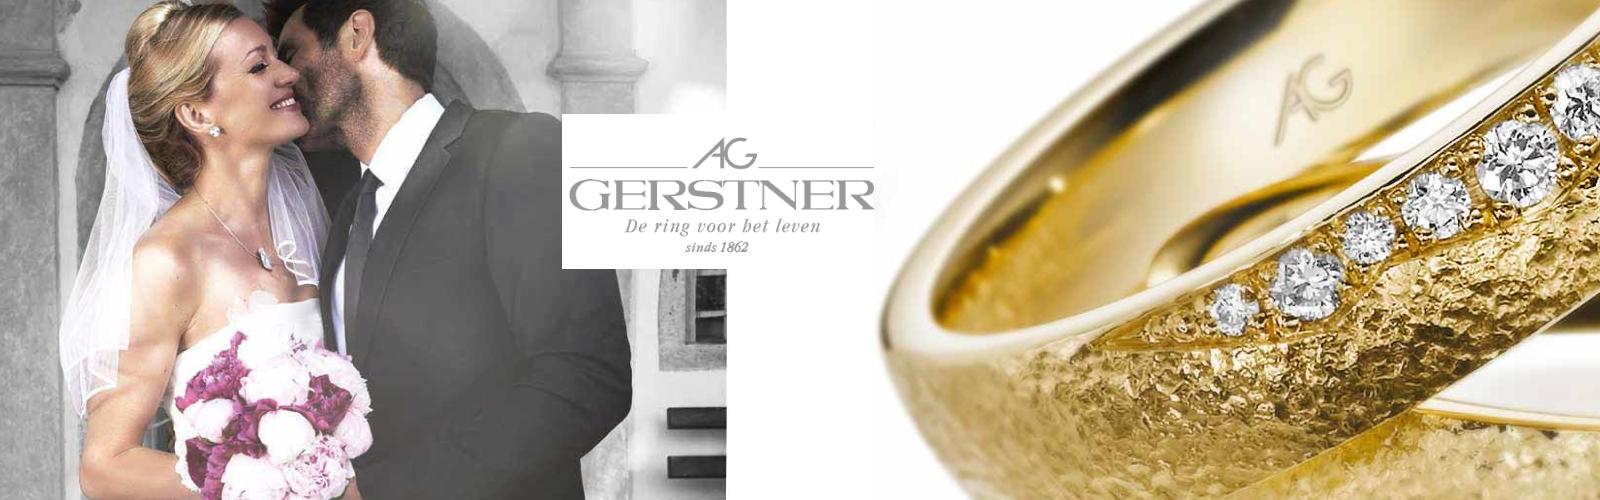 Gerstner-trouwringen-topkwaliteit-ringen-bij-Wolters-Juweliers-Coevorden-Emmen